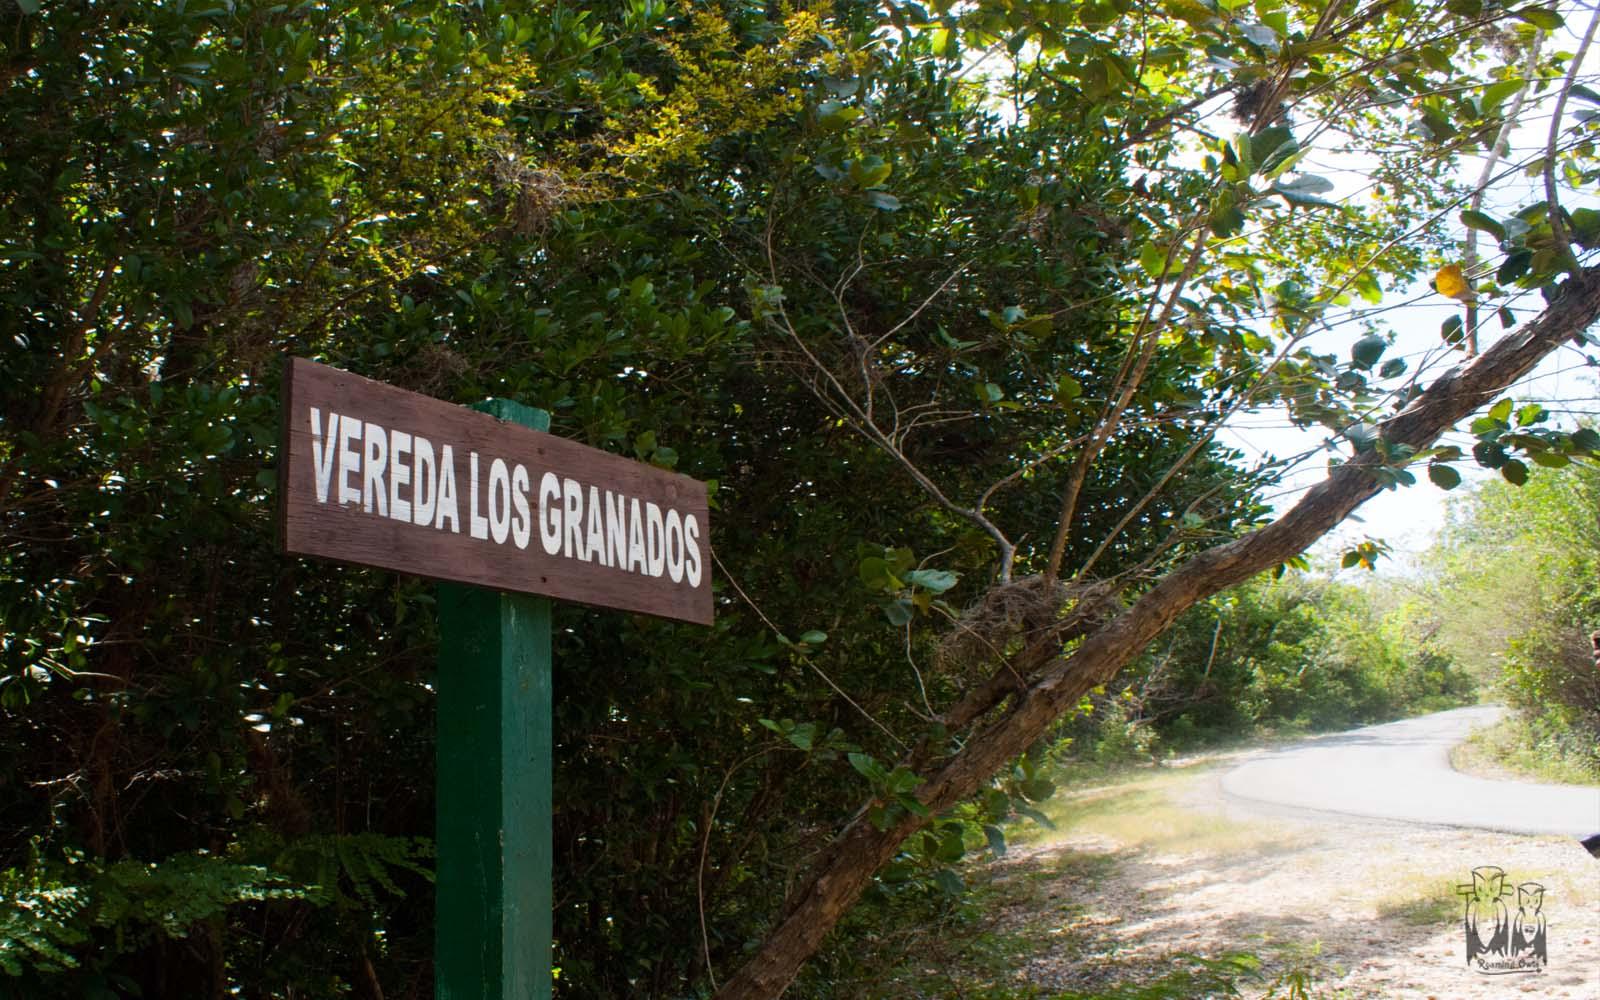 Vereda los granados,Guanica Spanish,puertorico spanish